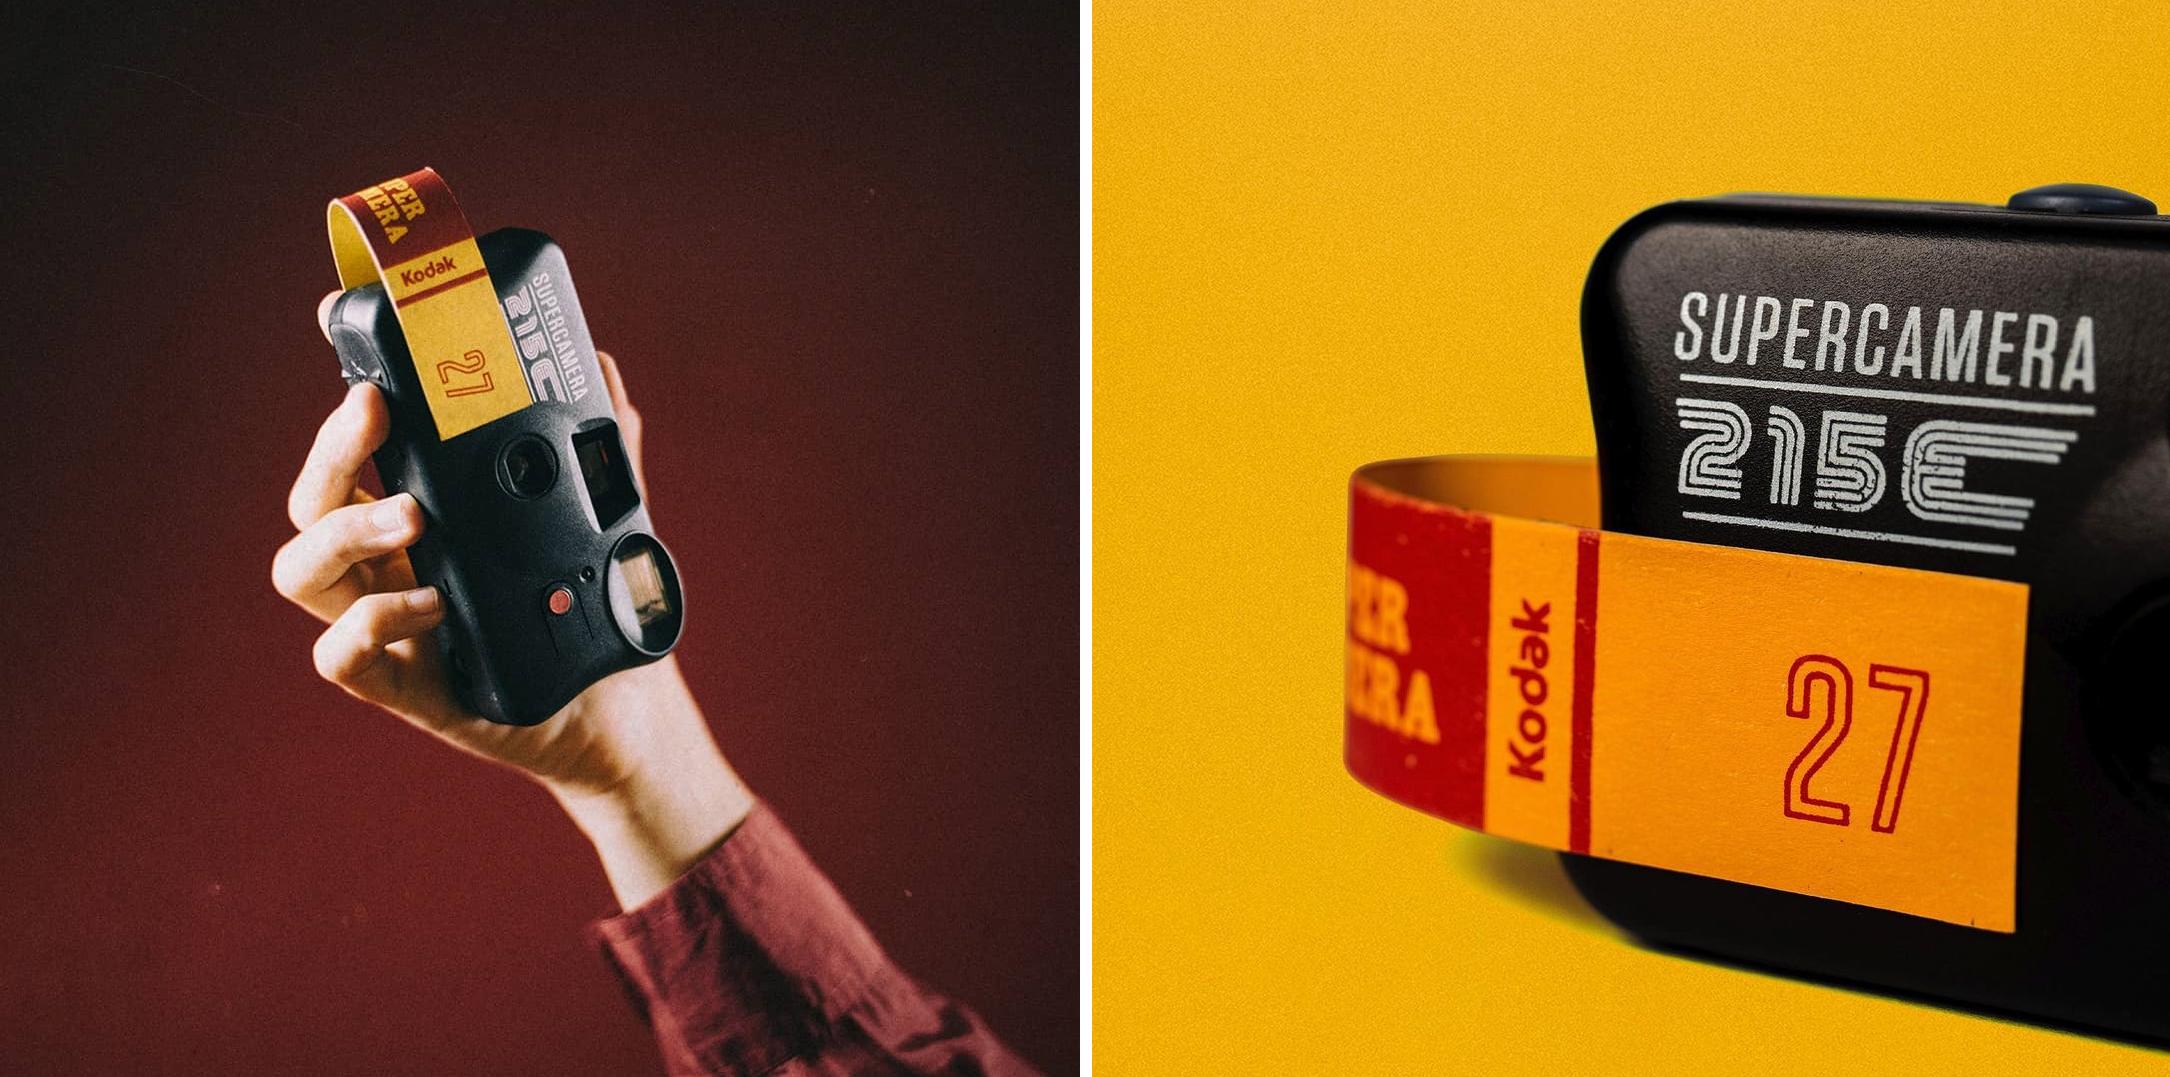 A Supercamera 215E é um projeto sustentável da marca e calcado na economia circular, já que dá novo uso a câmeras descartáveis